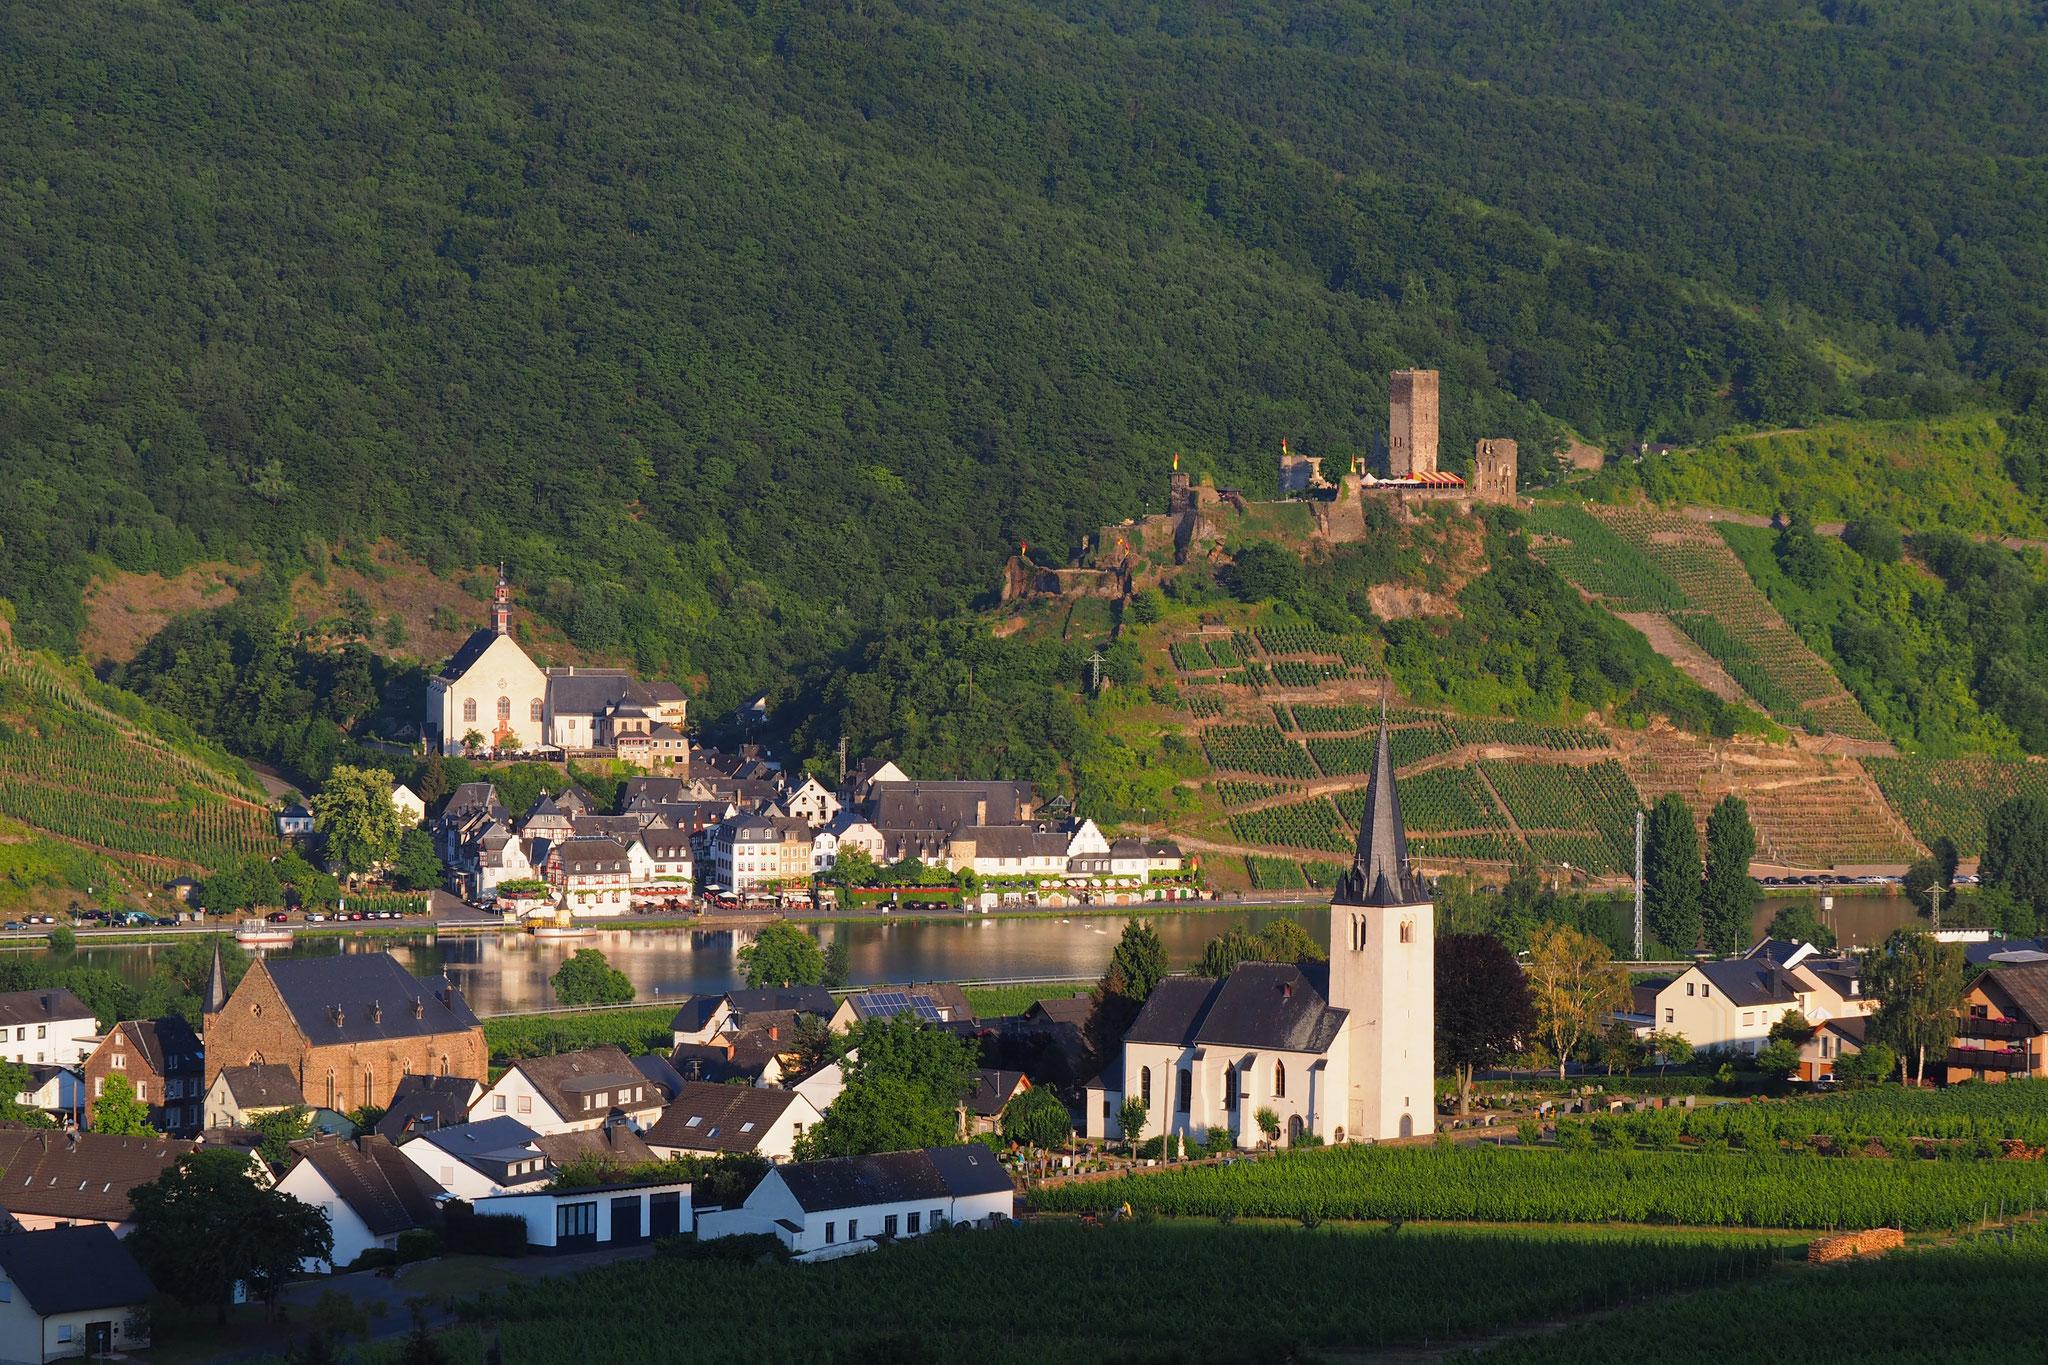 Blick auf Beilstein, 12 km entfernt, Foto: M. Clemens